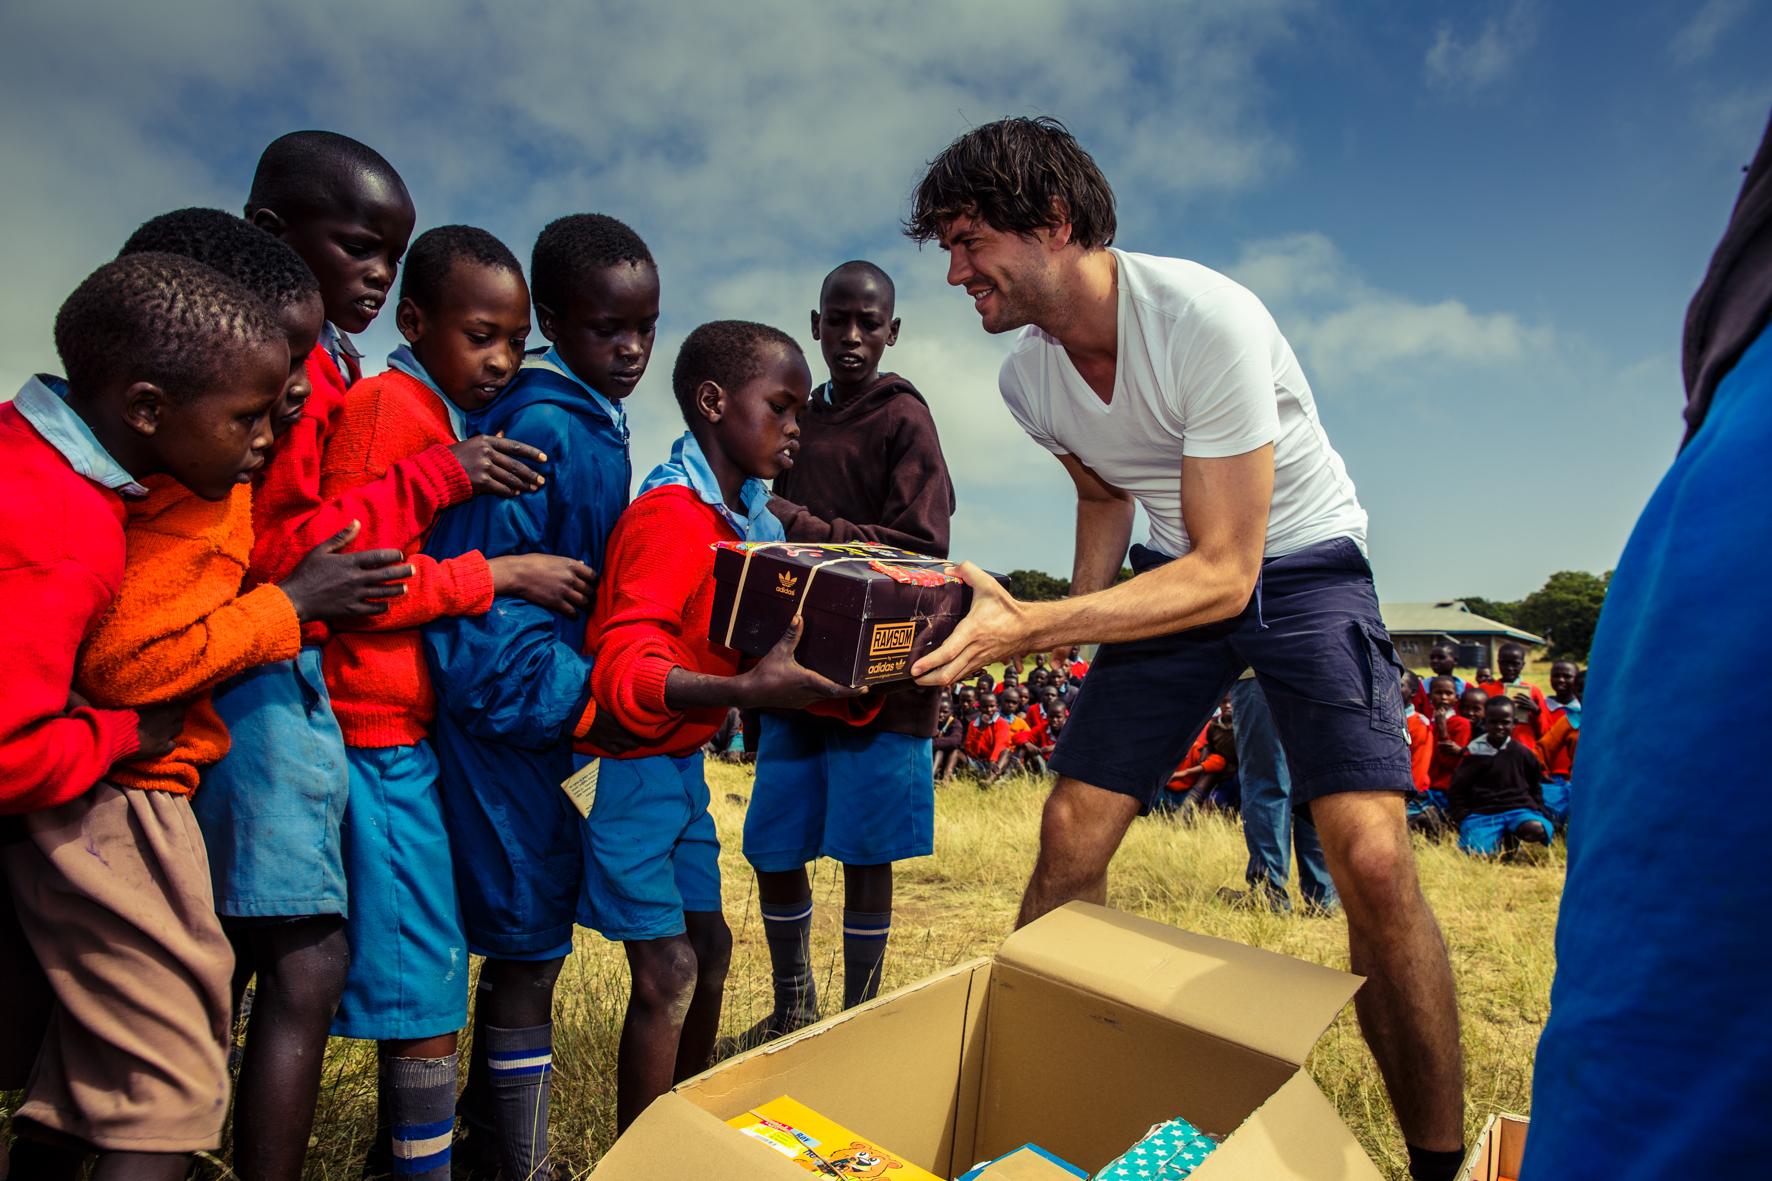 Het beeld van ontwikkelingshulp moet bijgesteld worden, ook door hulporganisaties zelf